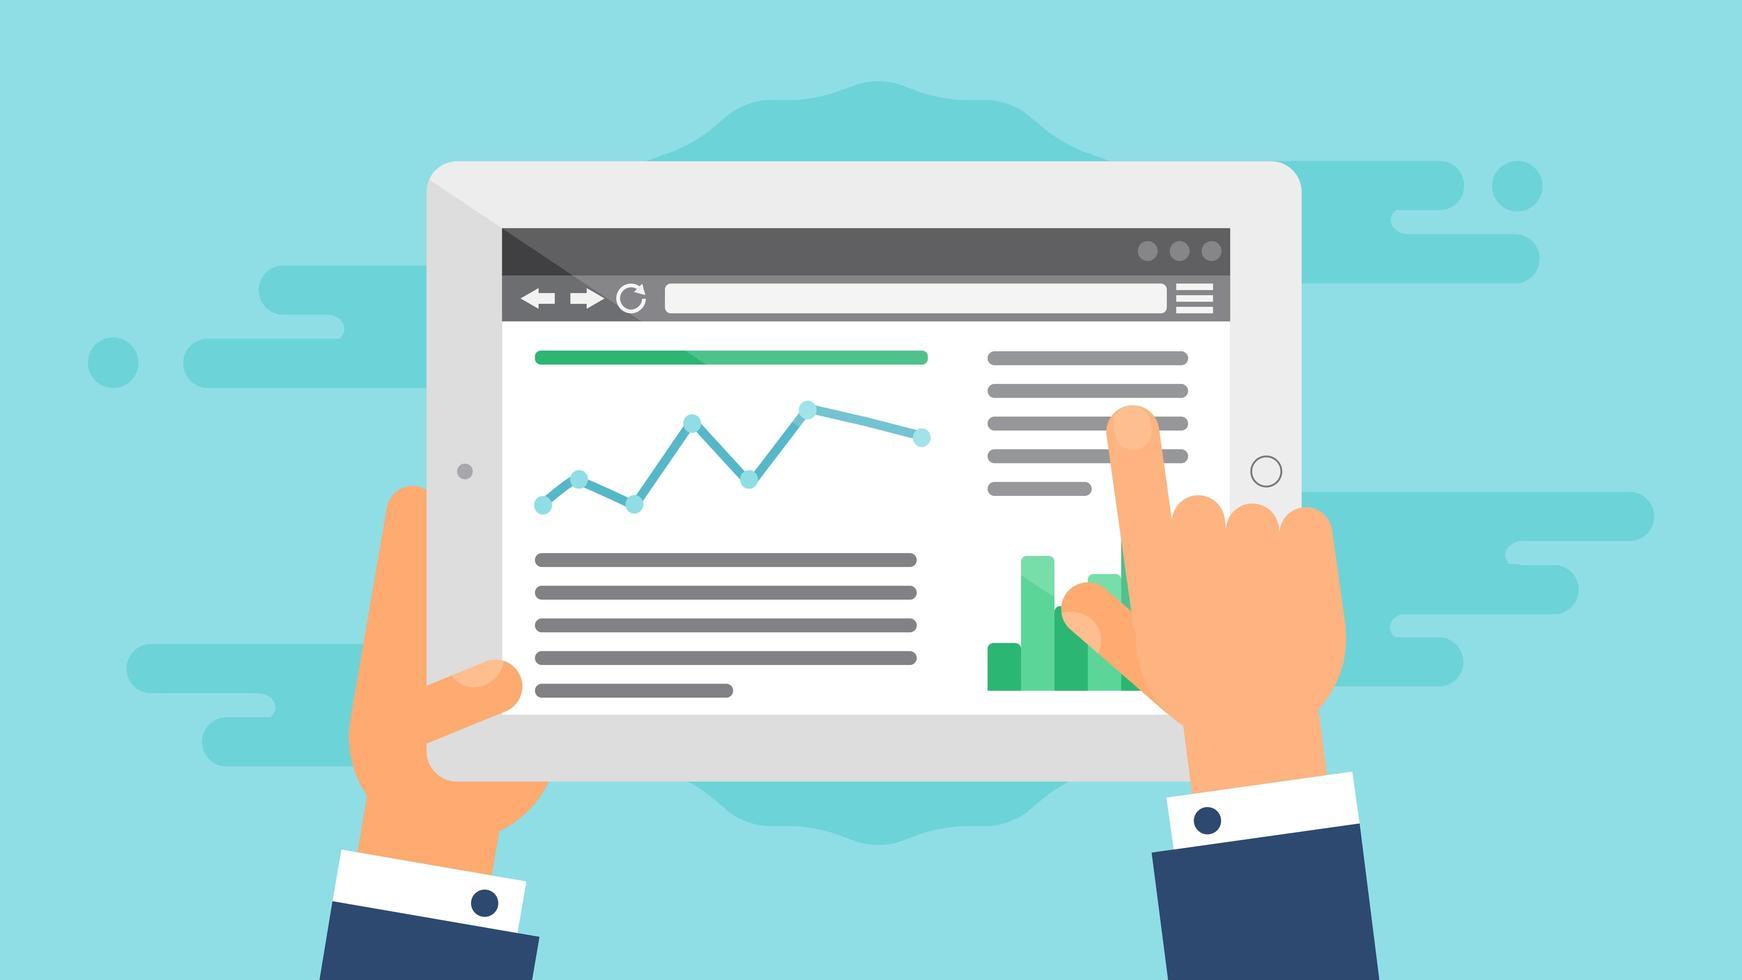 plantilla web de sitio de tableta o formulario de artículo vector